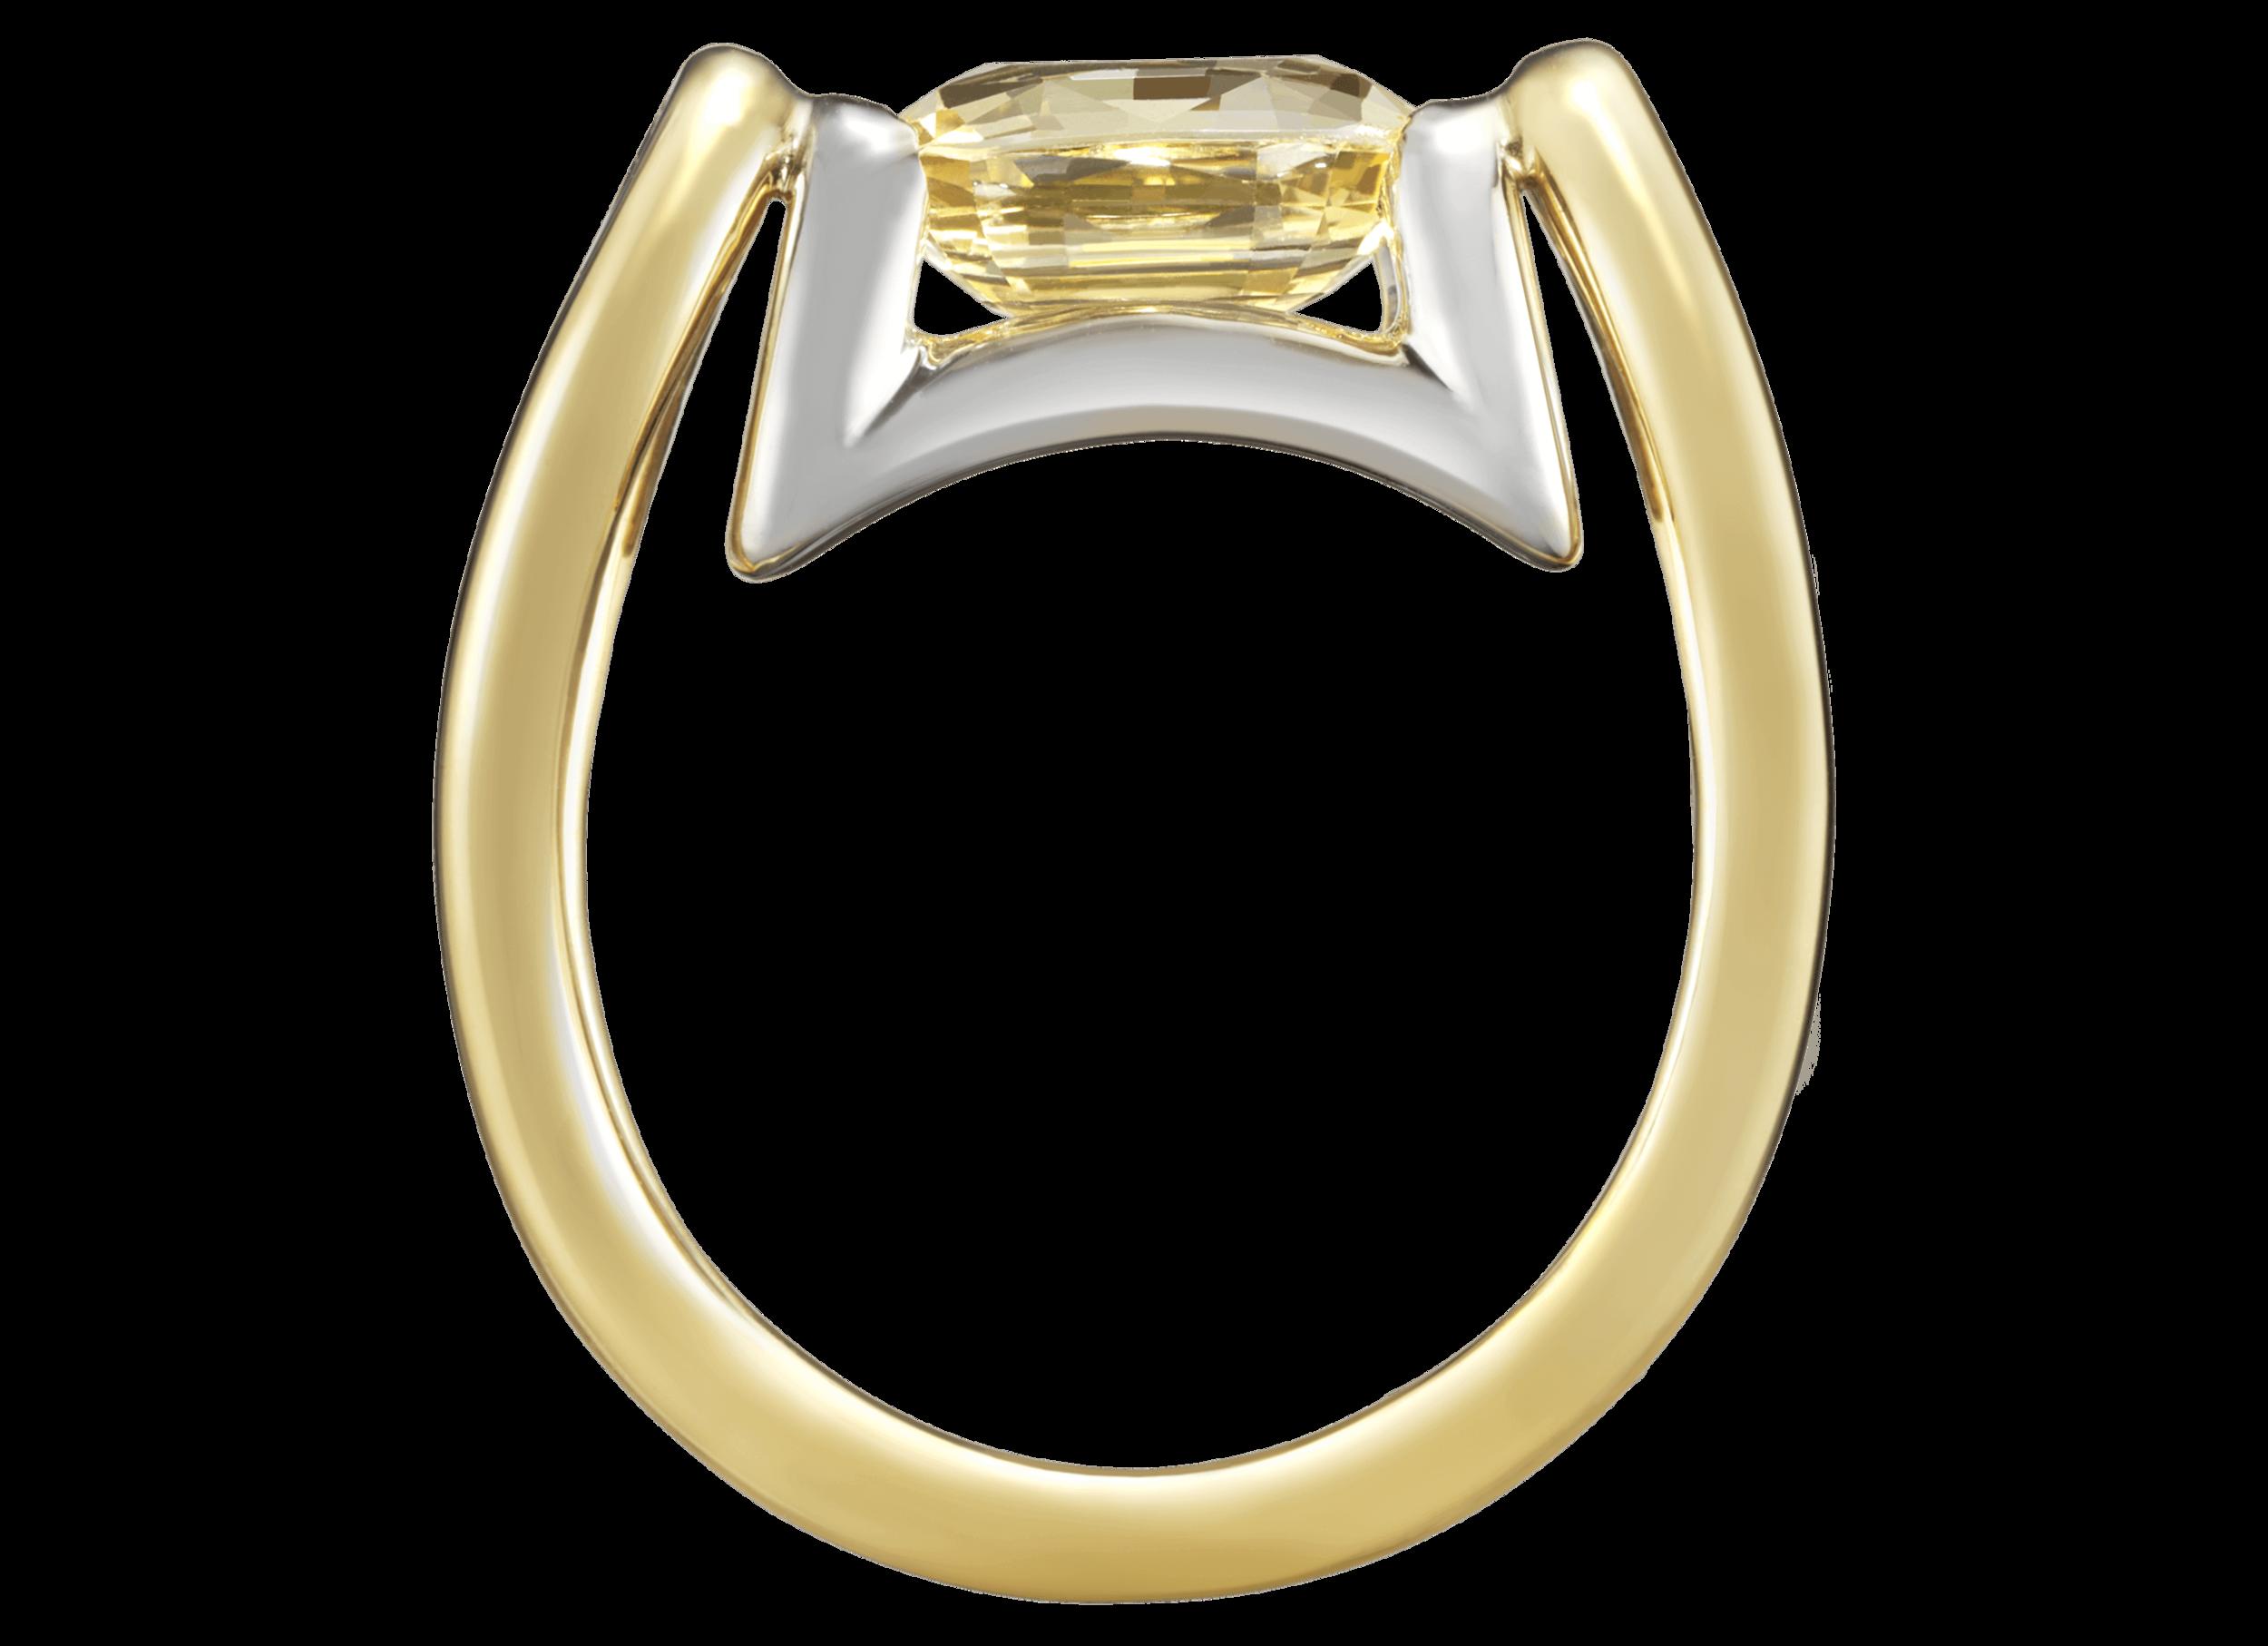 Bague Anna - Monture à partir de 2 500 € plus la pierre centrale et un éventuel pavage.(modèle présenté 3 200 € avec un saphir jaune de 2,68 carats)